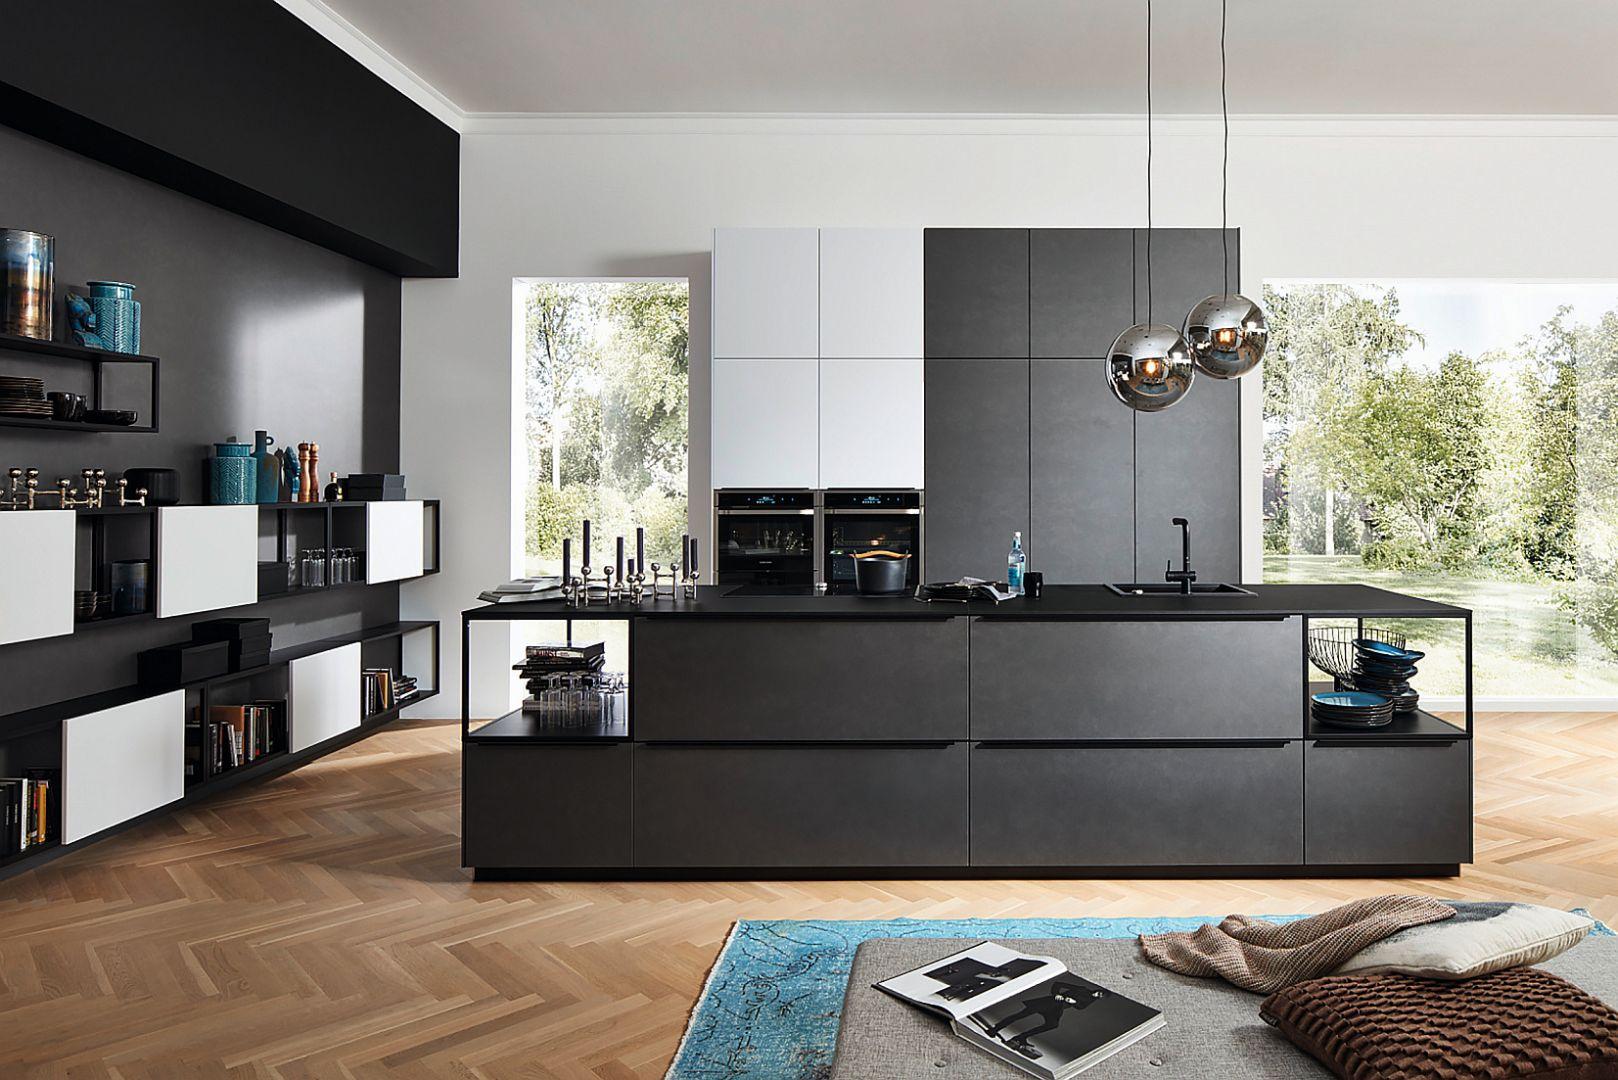 FERRO - pokryte warstwą specjalnego laminatu z opiłkami metalu fronty w kolorze błękitnej stali lub stali kortenowskiej, łączą w sobie funkcjonalność i spektakularny wygląd. Fot. Nolte Küchen